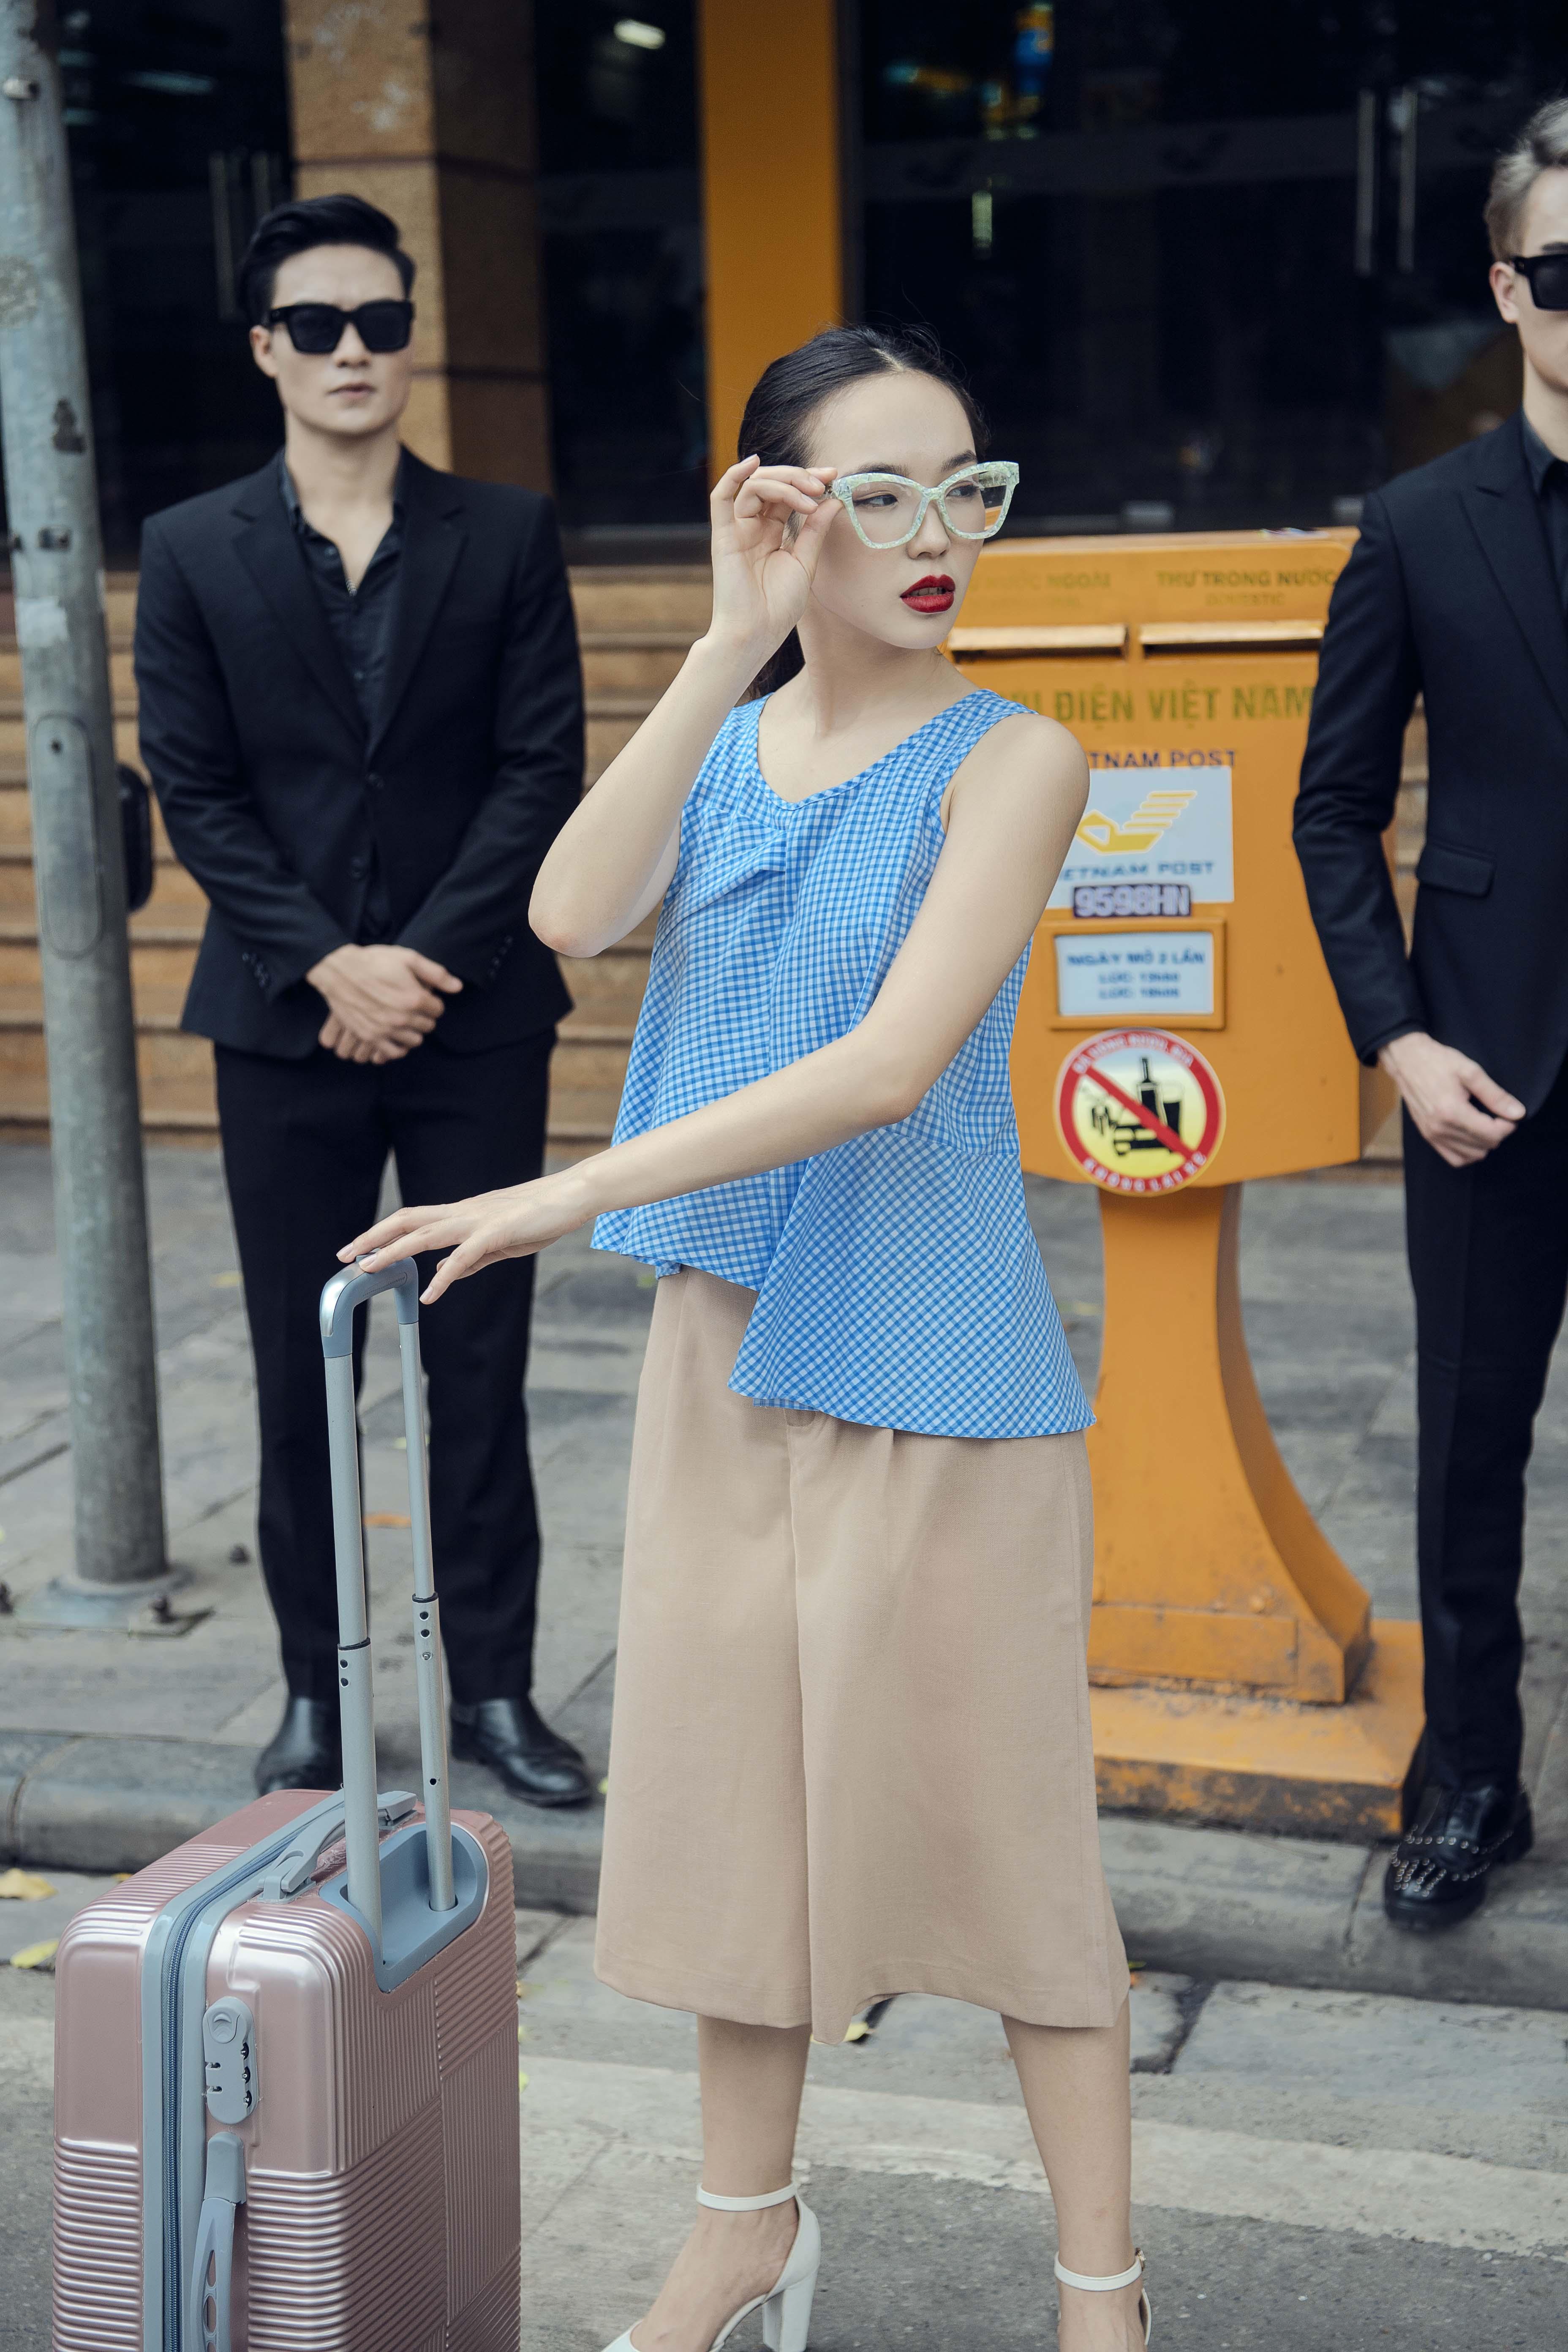 áo cộc tay màu xanh và quần ống rộng